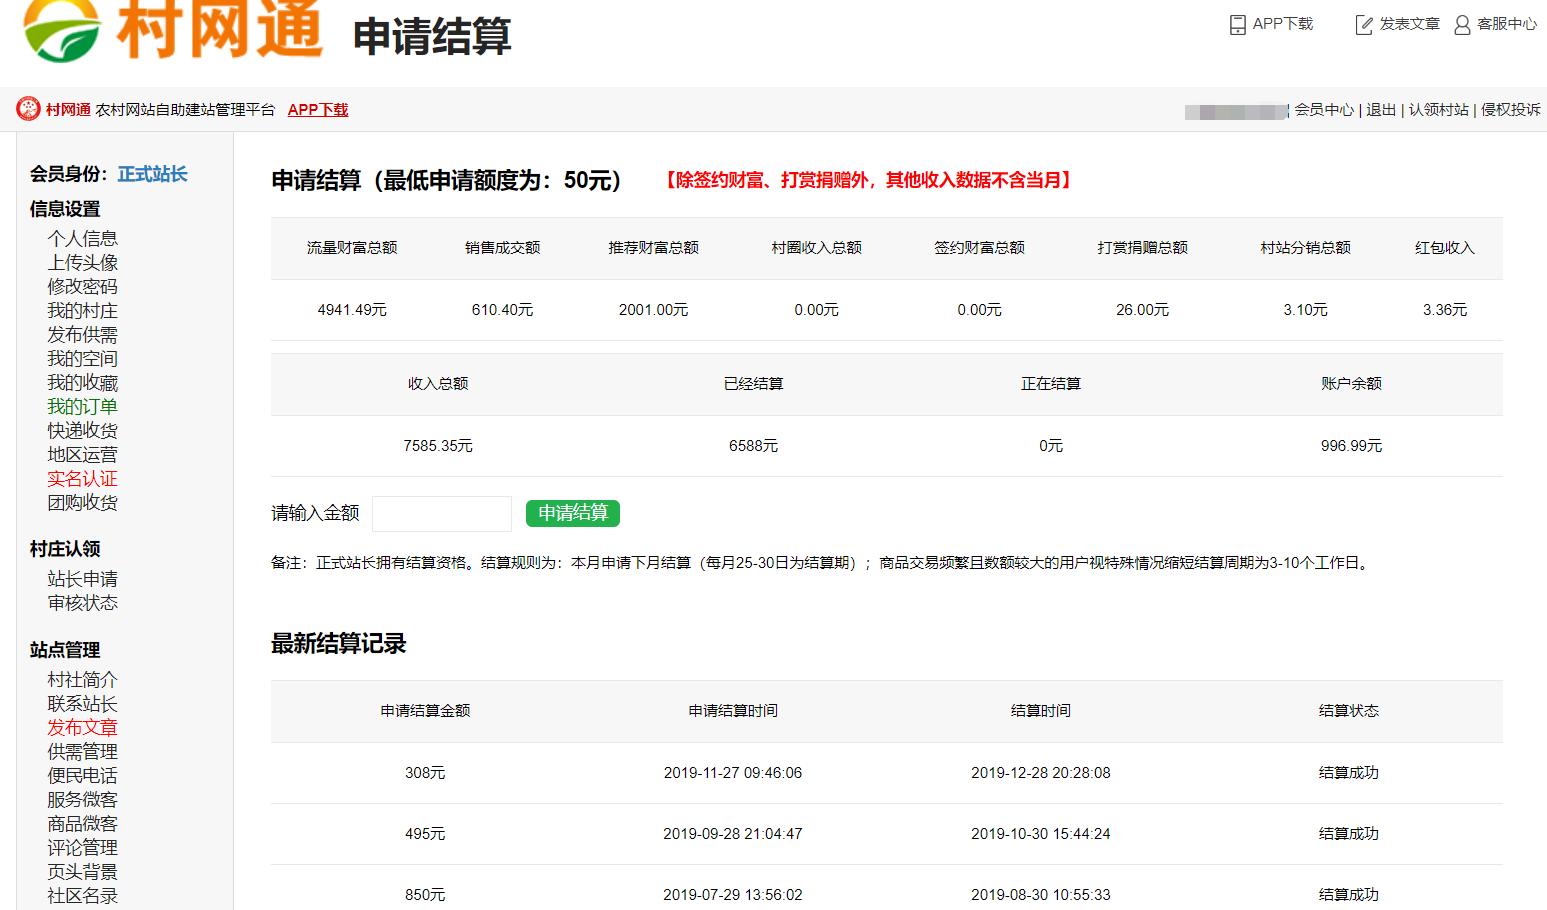 村站长数千元收入截图(部分)